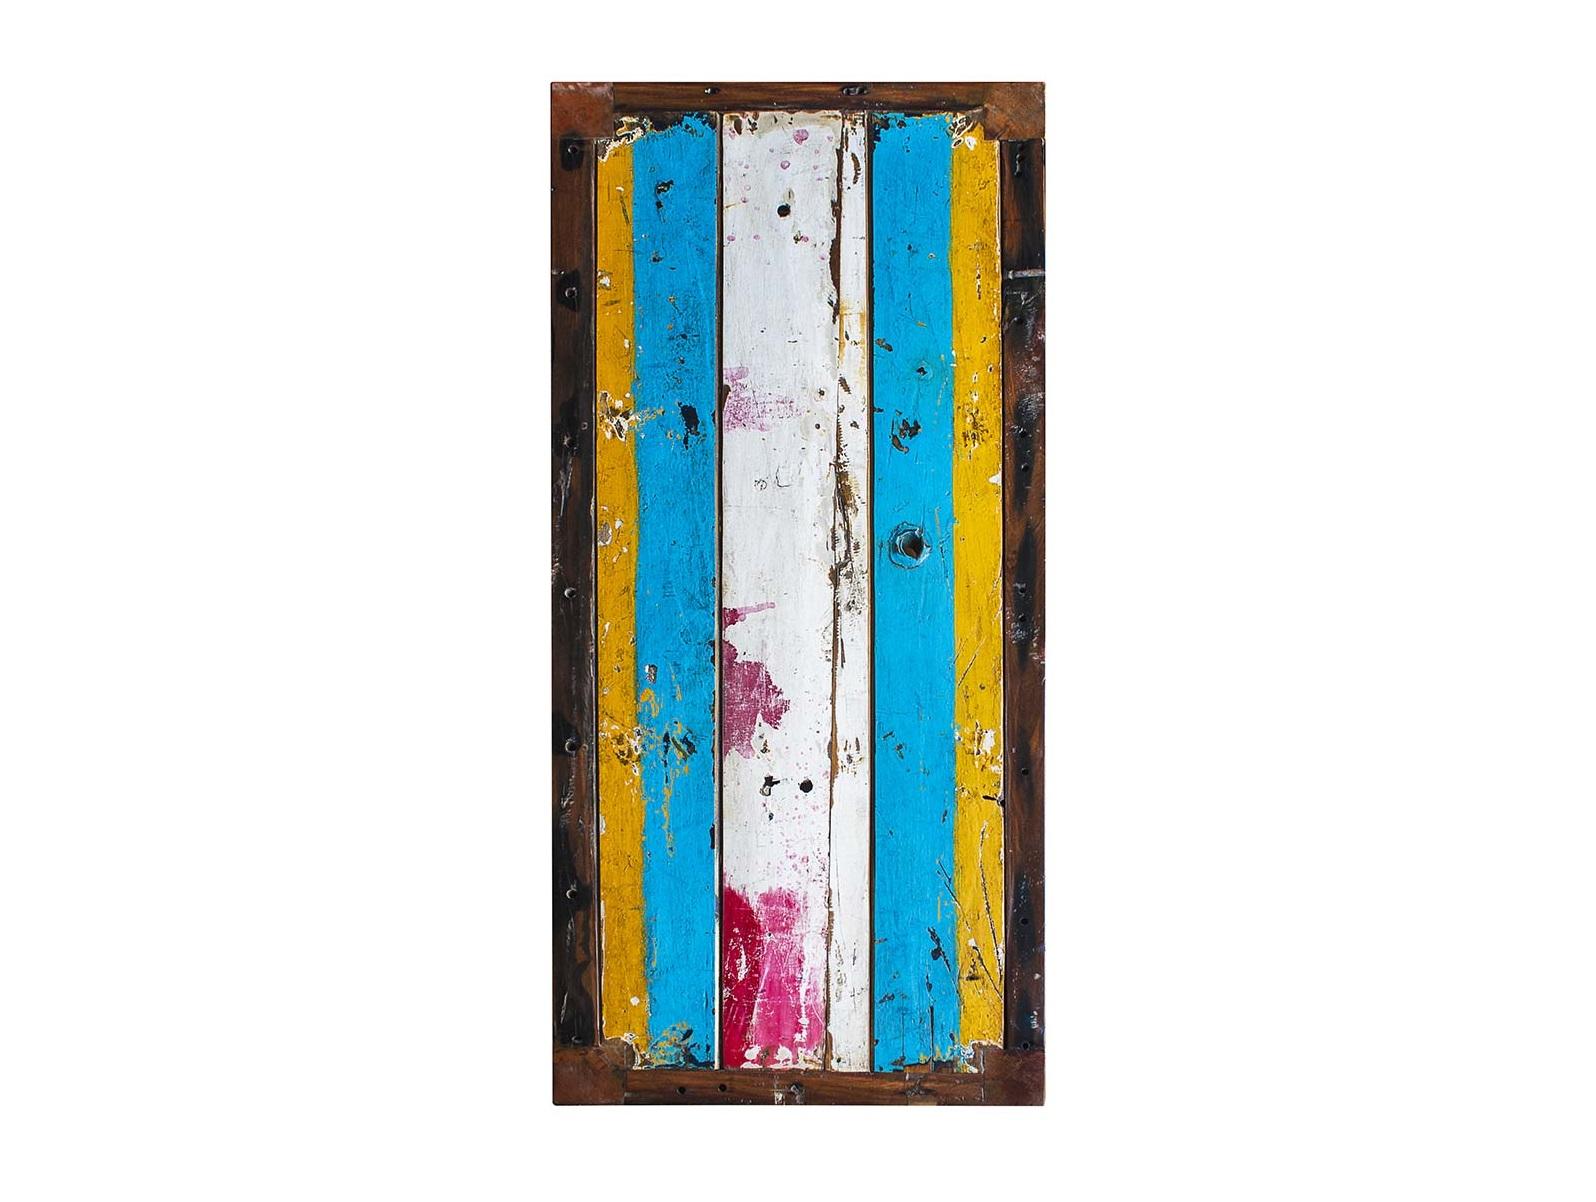 Барный стол БарниБарные столы<br>Стол прямоугольный барный. Выполнен из массива древесины старого рыбацкого судна с сохранением оригинальной многослойной окраски.<br>Подходит для использования как внутри помещения, так и снаружи.<br>Сборка не требуется.<br>Страна производитель - Индонезия.<br><br>Material: Тик<br>Width см: 130<br>Depth см: 60<br>Height см: 110